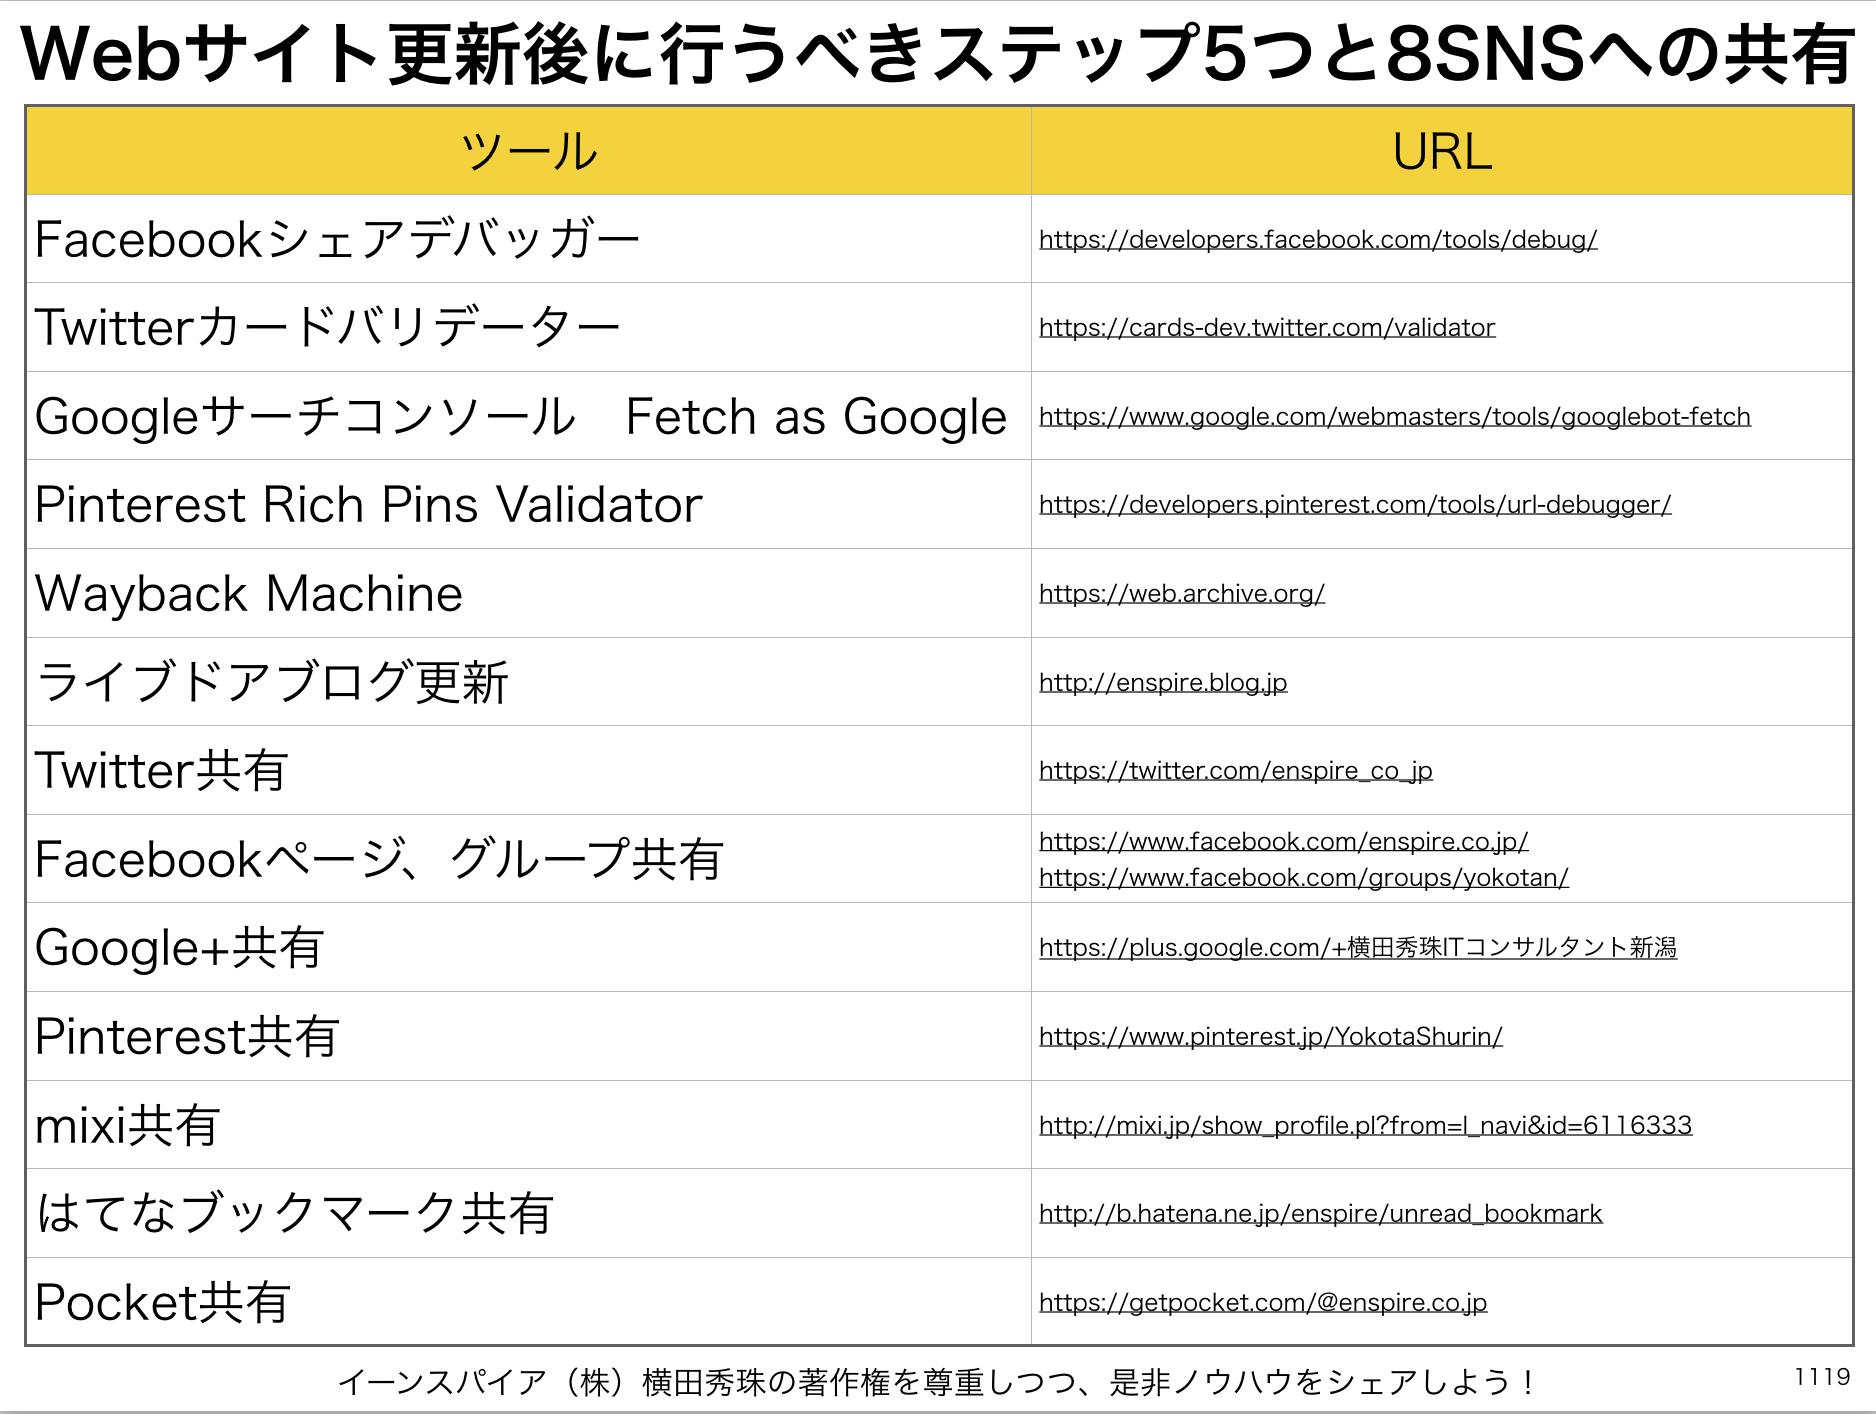 Webサイト更新後に行うべきステップ5つと8SNSへの共有